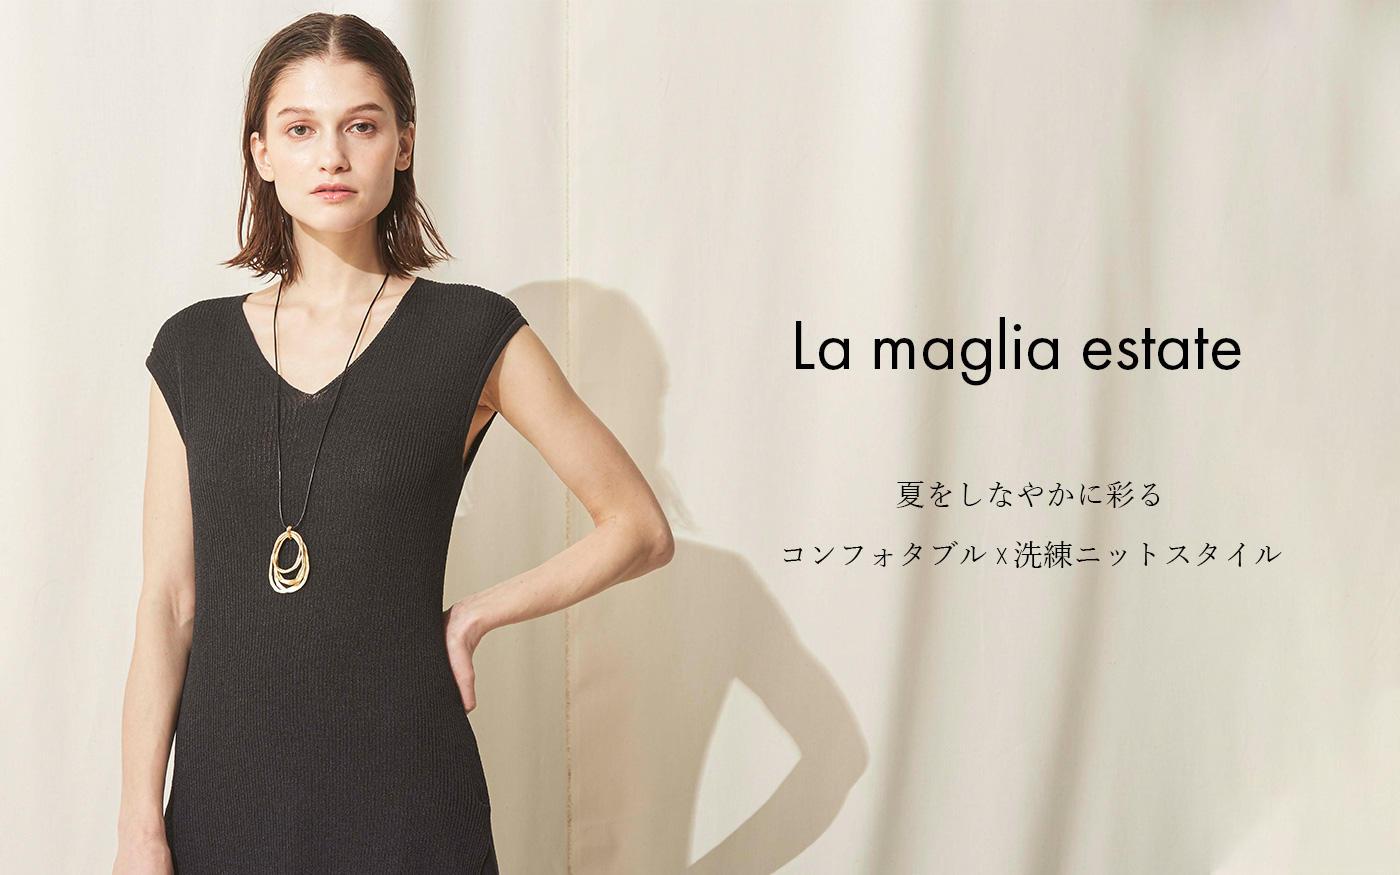 ニットのニューコレクション'La maglia estate'